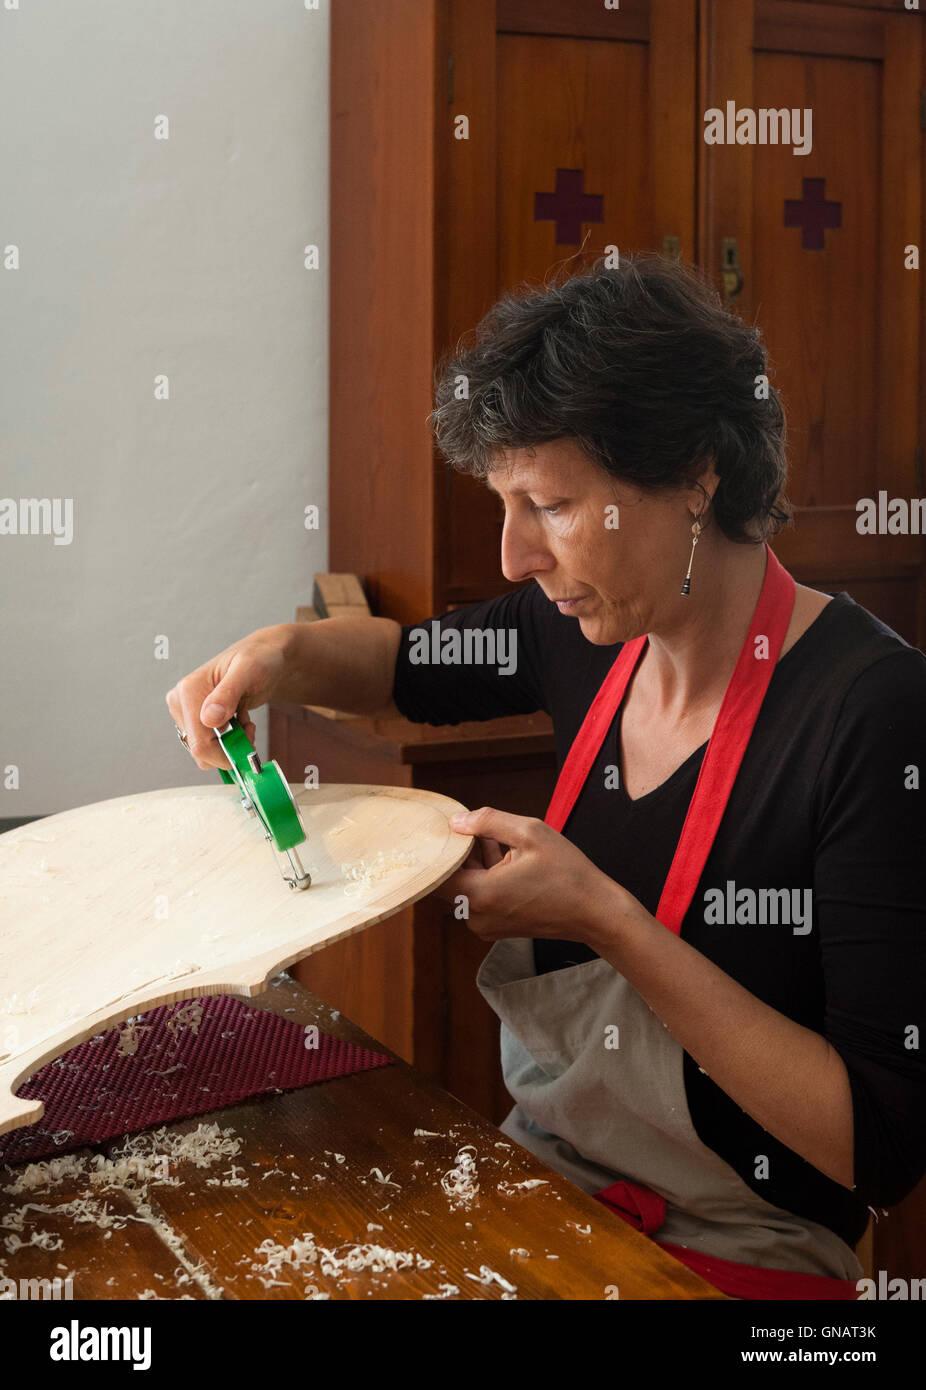 El bosque de violines, Paneveggio, Italia. Giovanna Chittò, luthier (violín maker), medición de madera Imagen De Stock